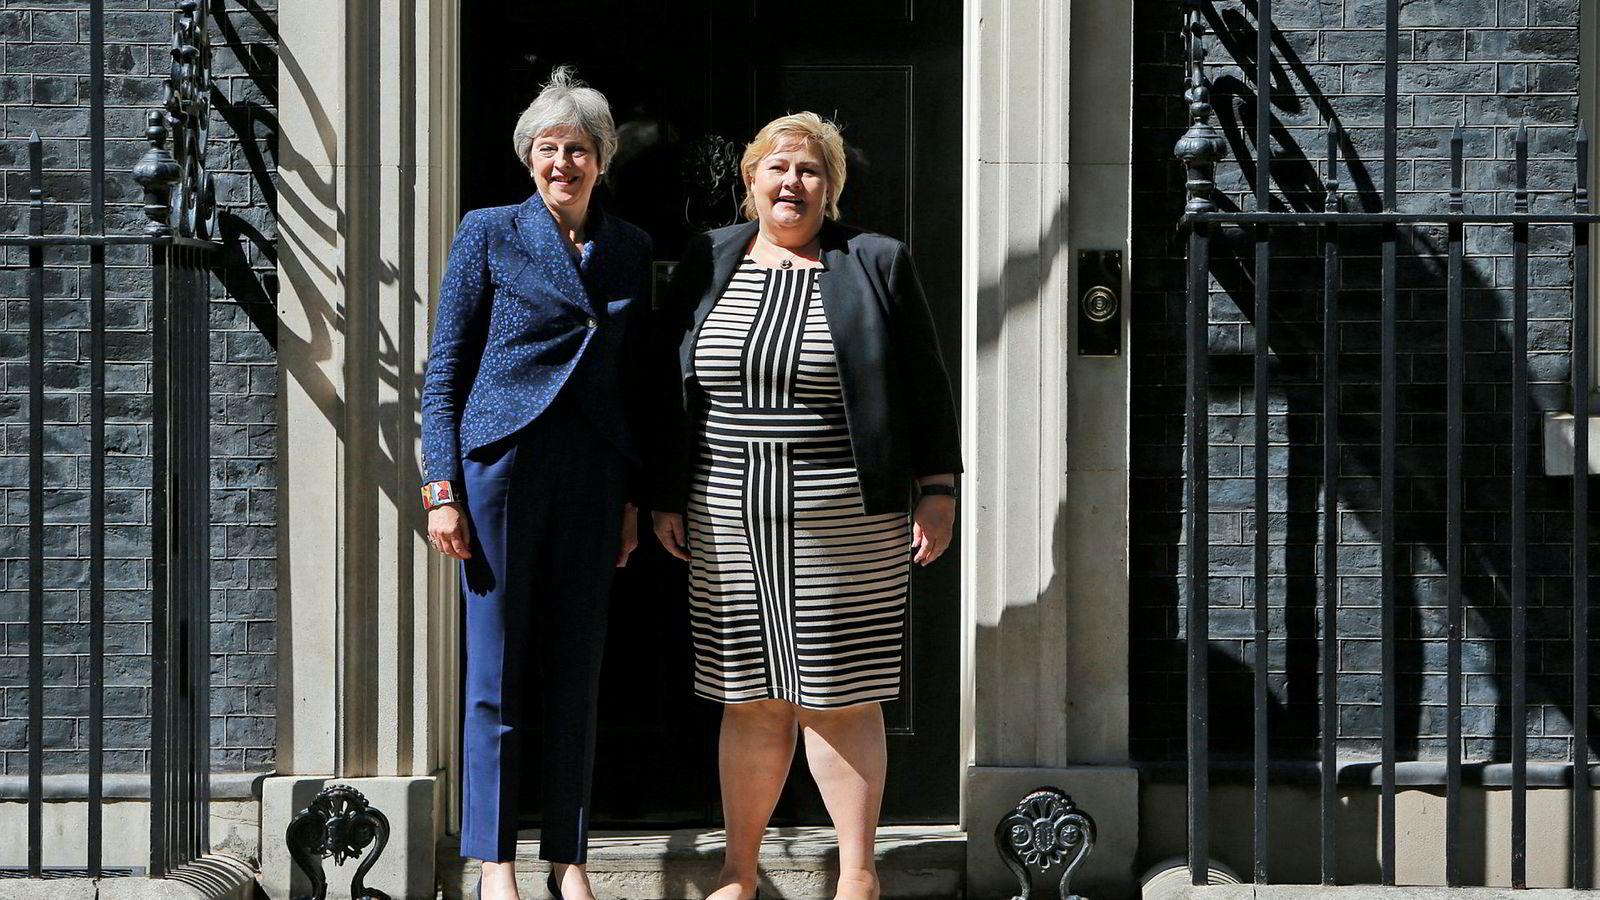 Storbritannias statsminister Theresa May fotografert sammen med Norges statsminister Erna Solberg under deres møte i London i juni i år.